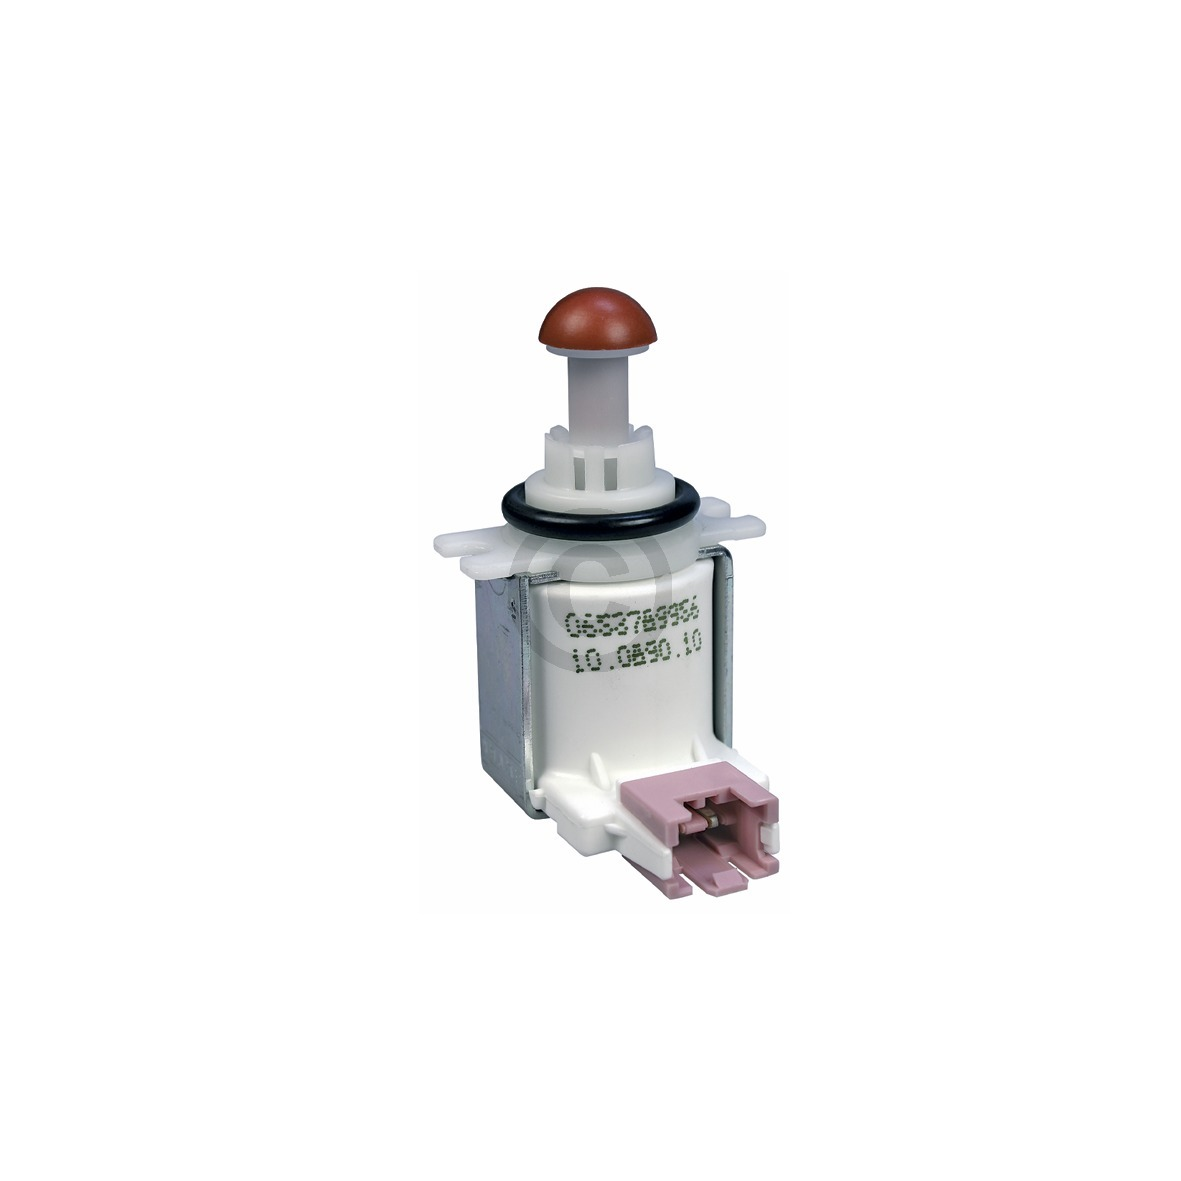 Ventil für Regenerierdosierung 00611316 611316 Bosch, Siemens, Neff